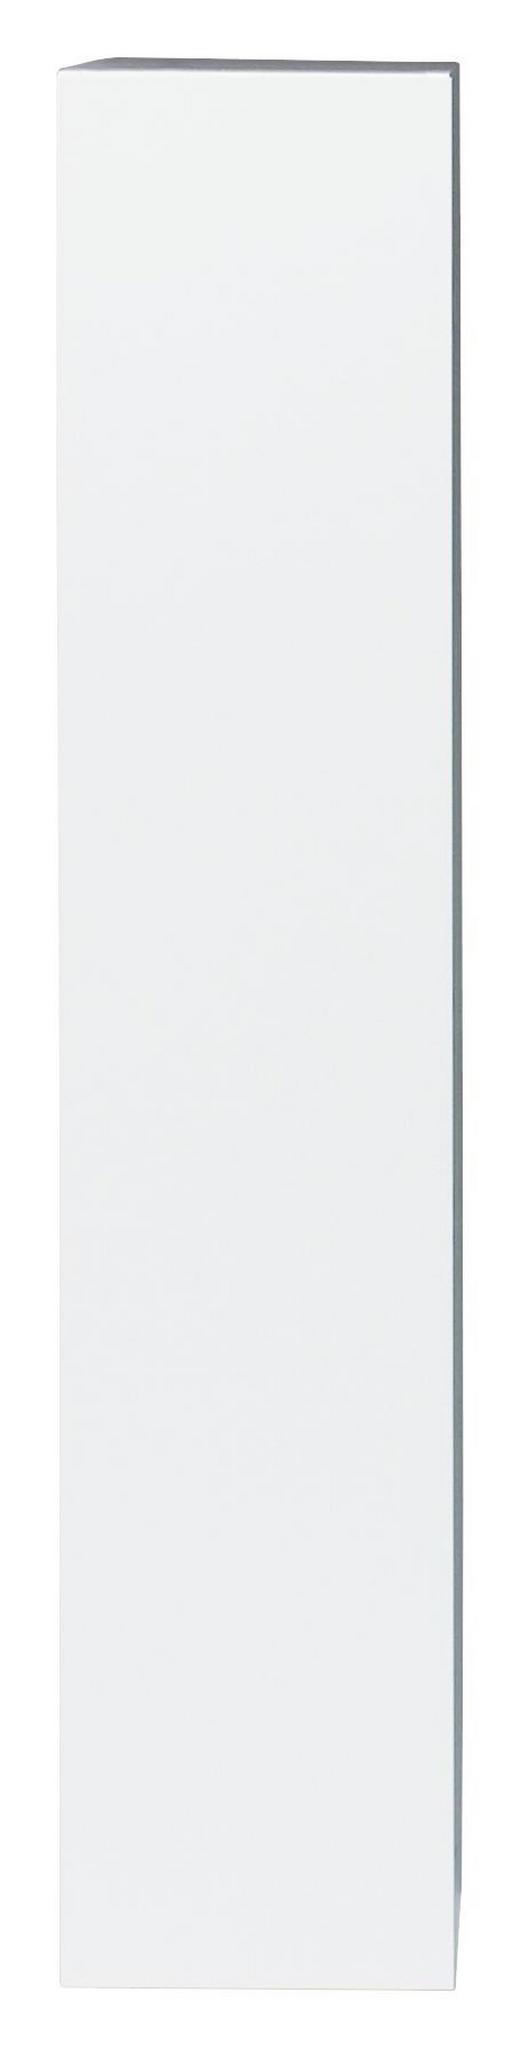 HÄNGEELEMENT Weiß - Weiß, MODERN, Holz (139/29/31cm) - CARRYHOME